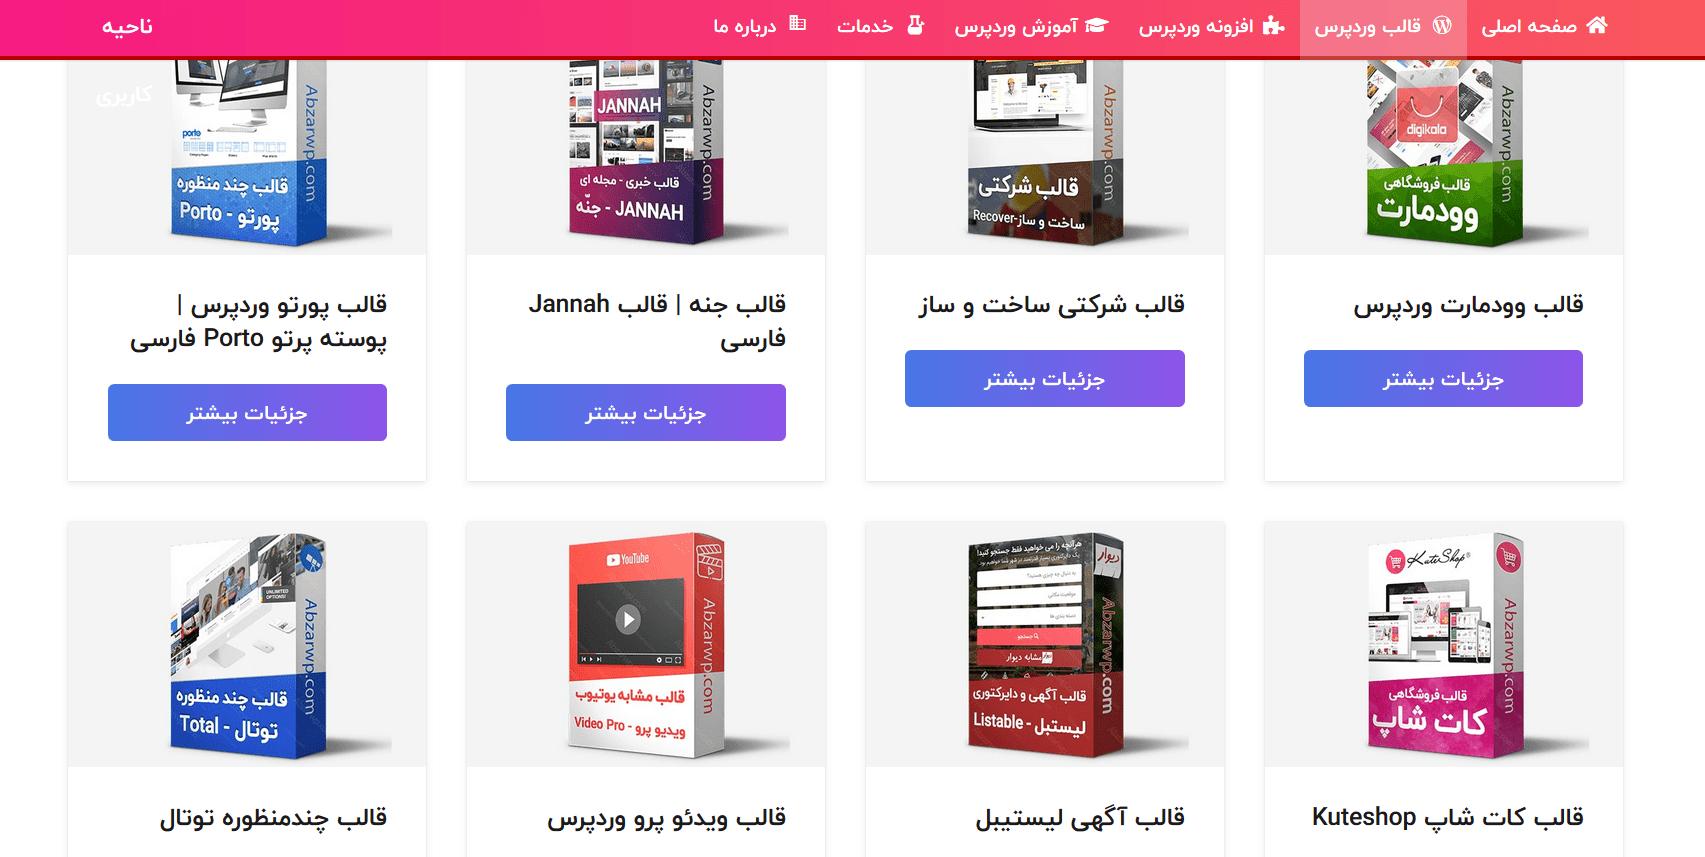 صفحه ی محصولات